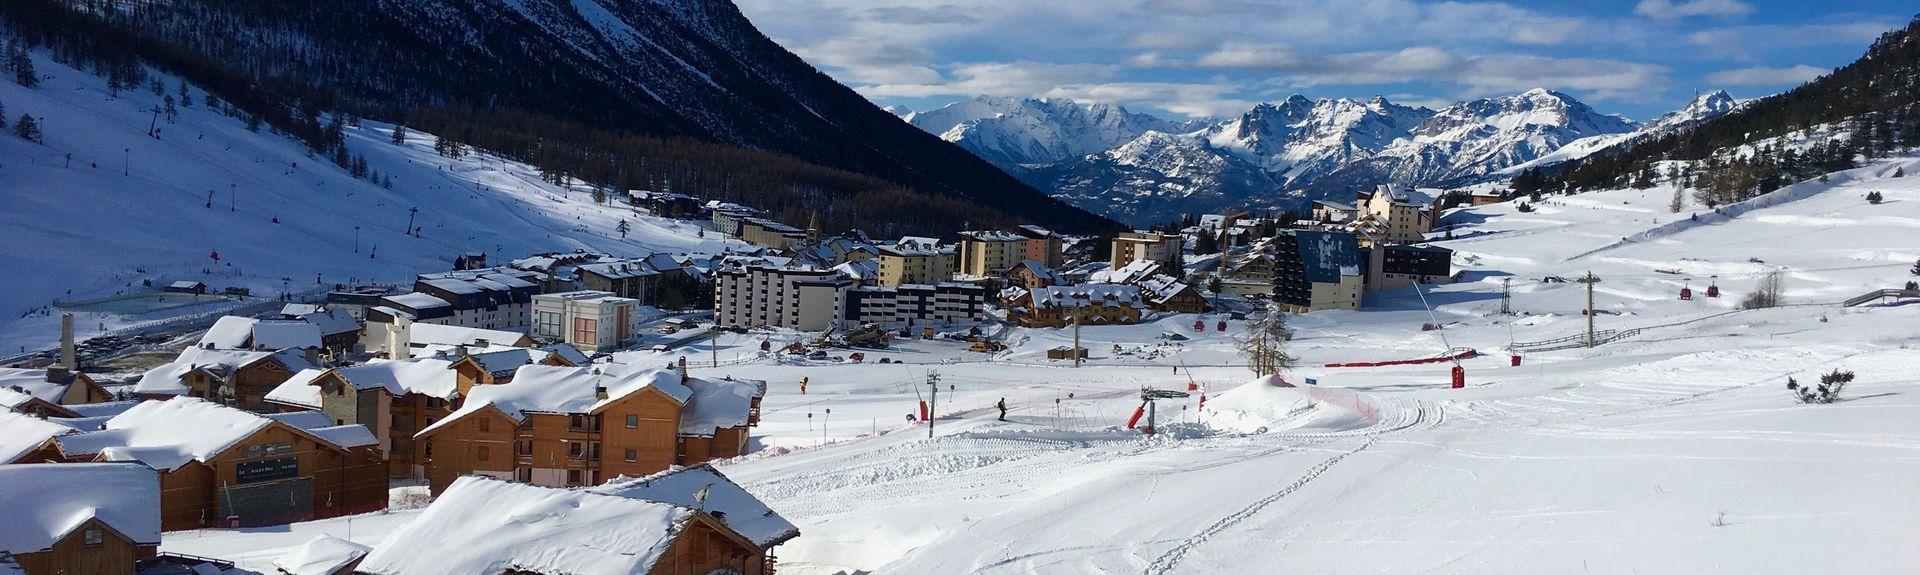 Montgenevre, Hautes-Alpes, France